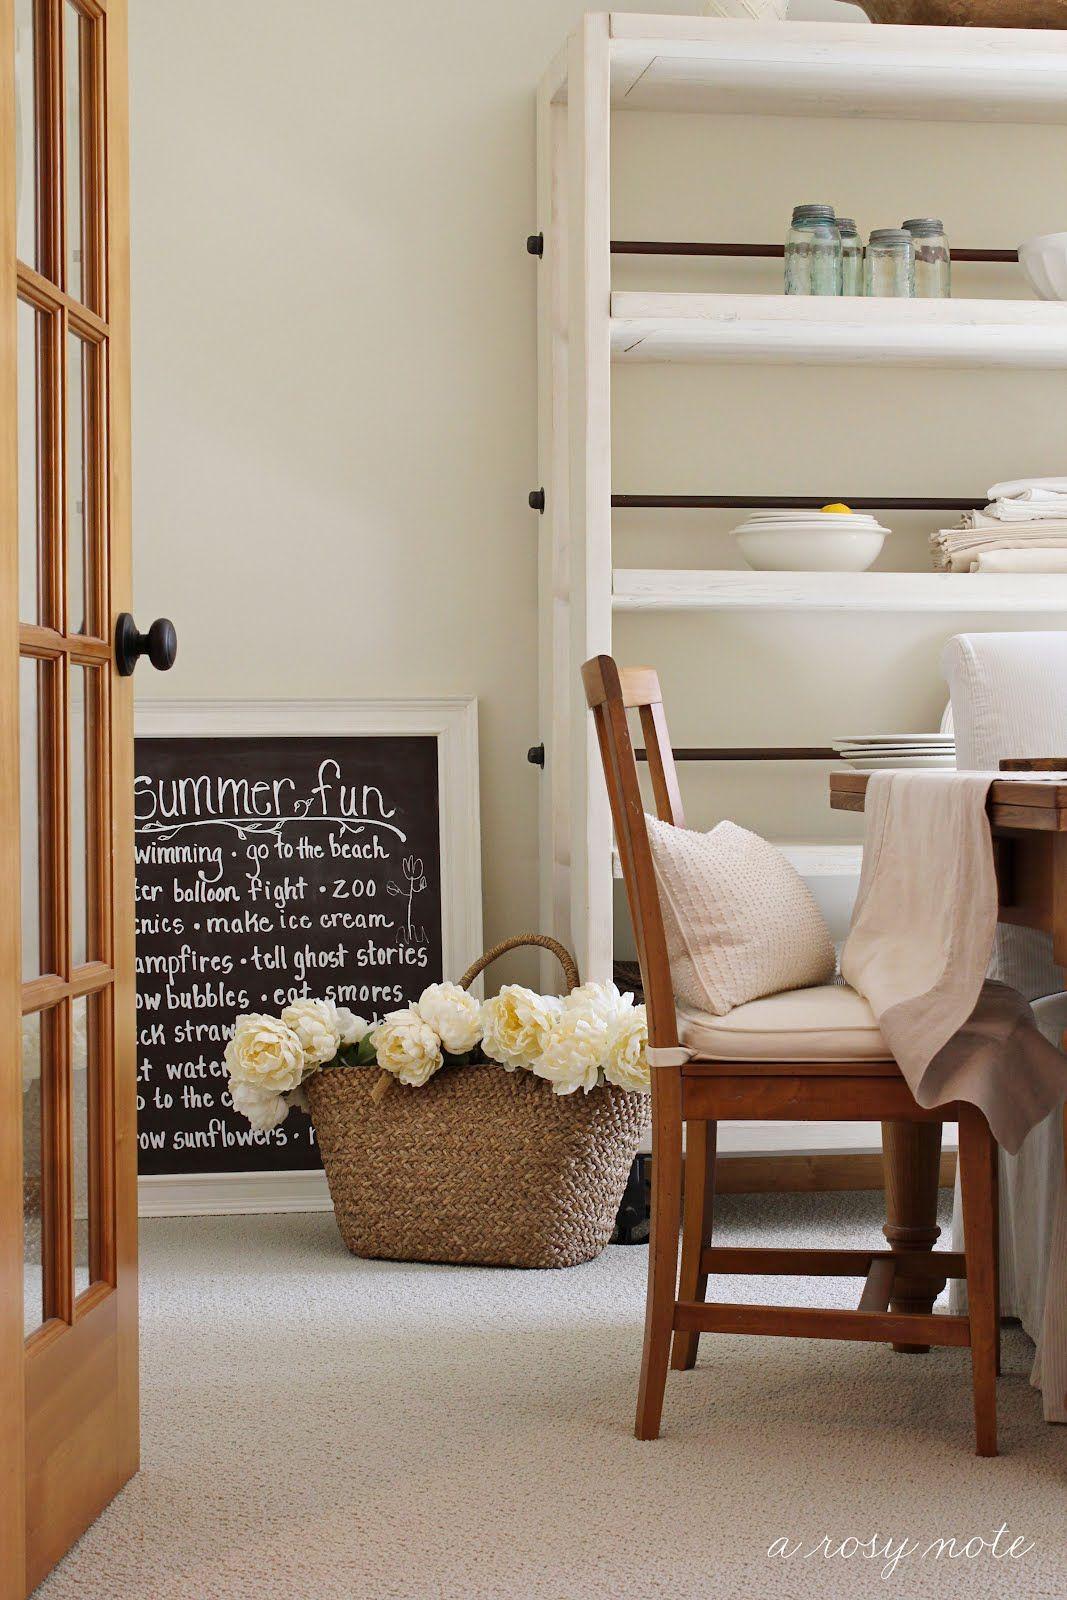 pingl par dani le sur decor ideas pinterest d co. Black Bedroom Furniture Sets. Home Design Ideas